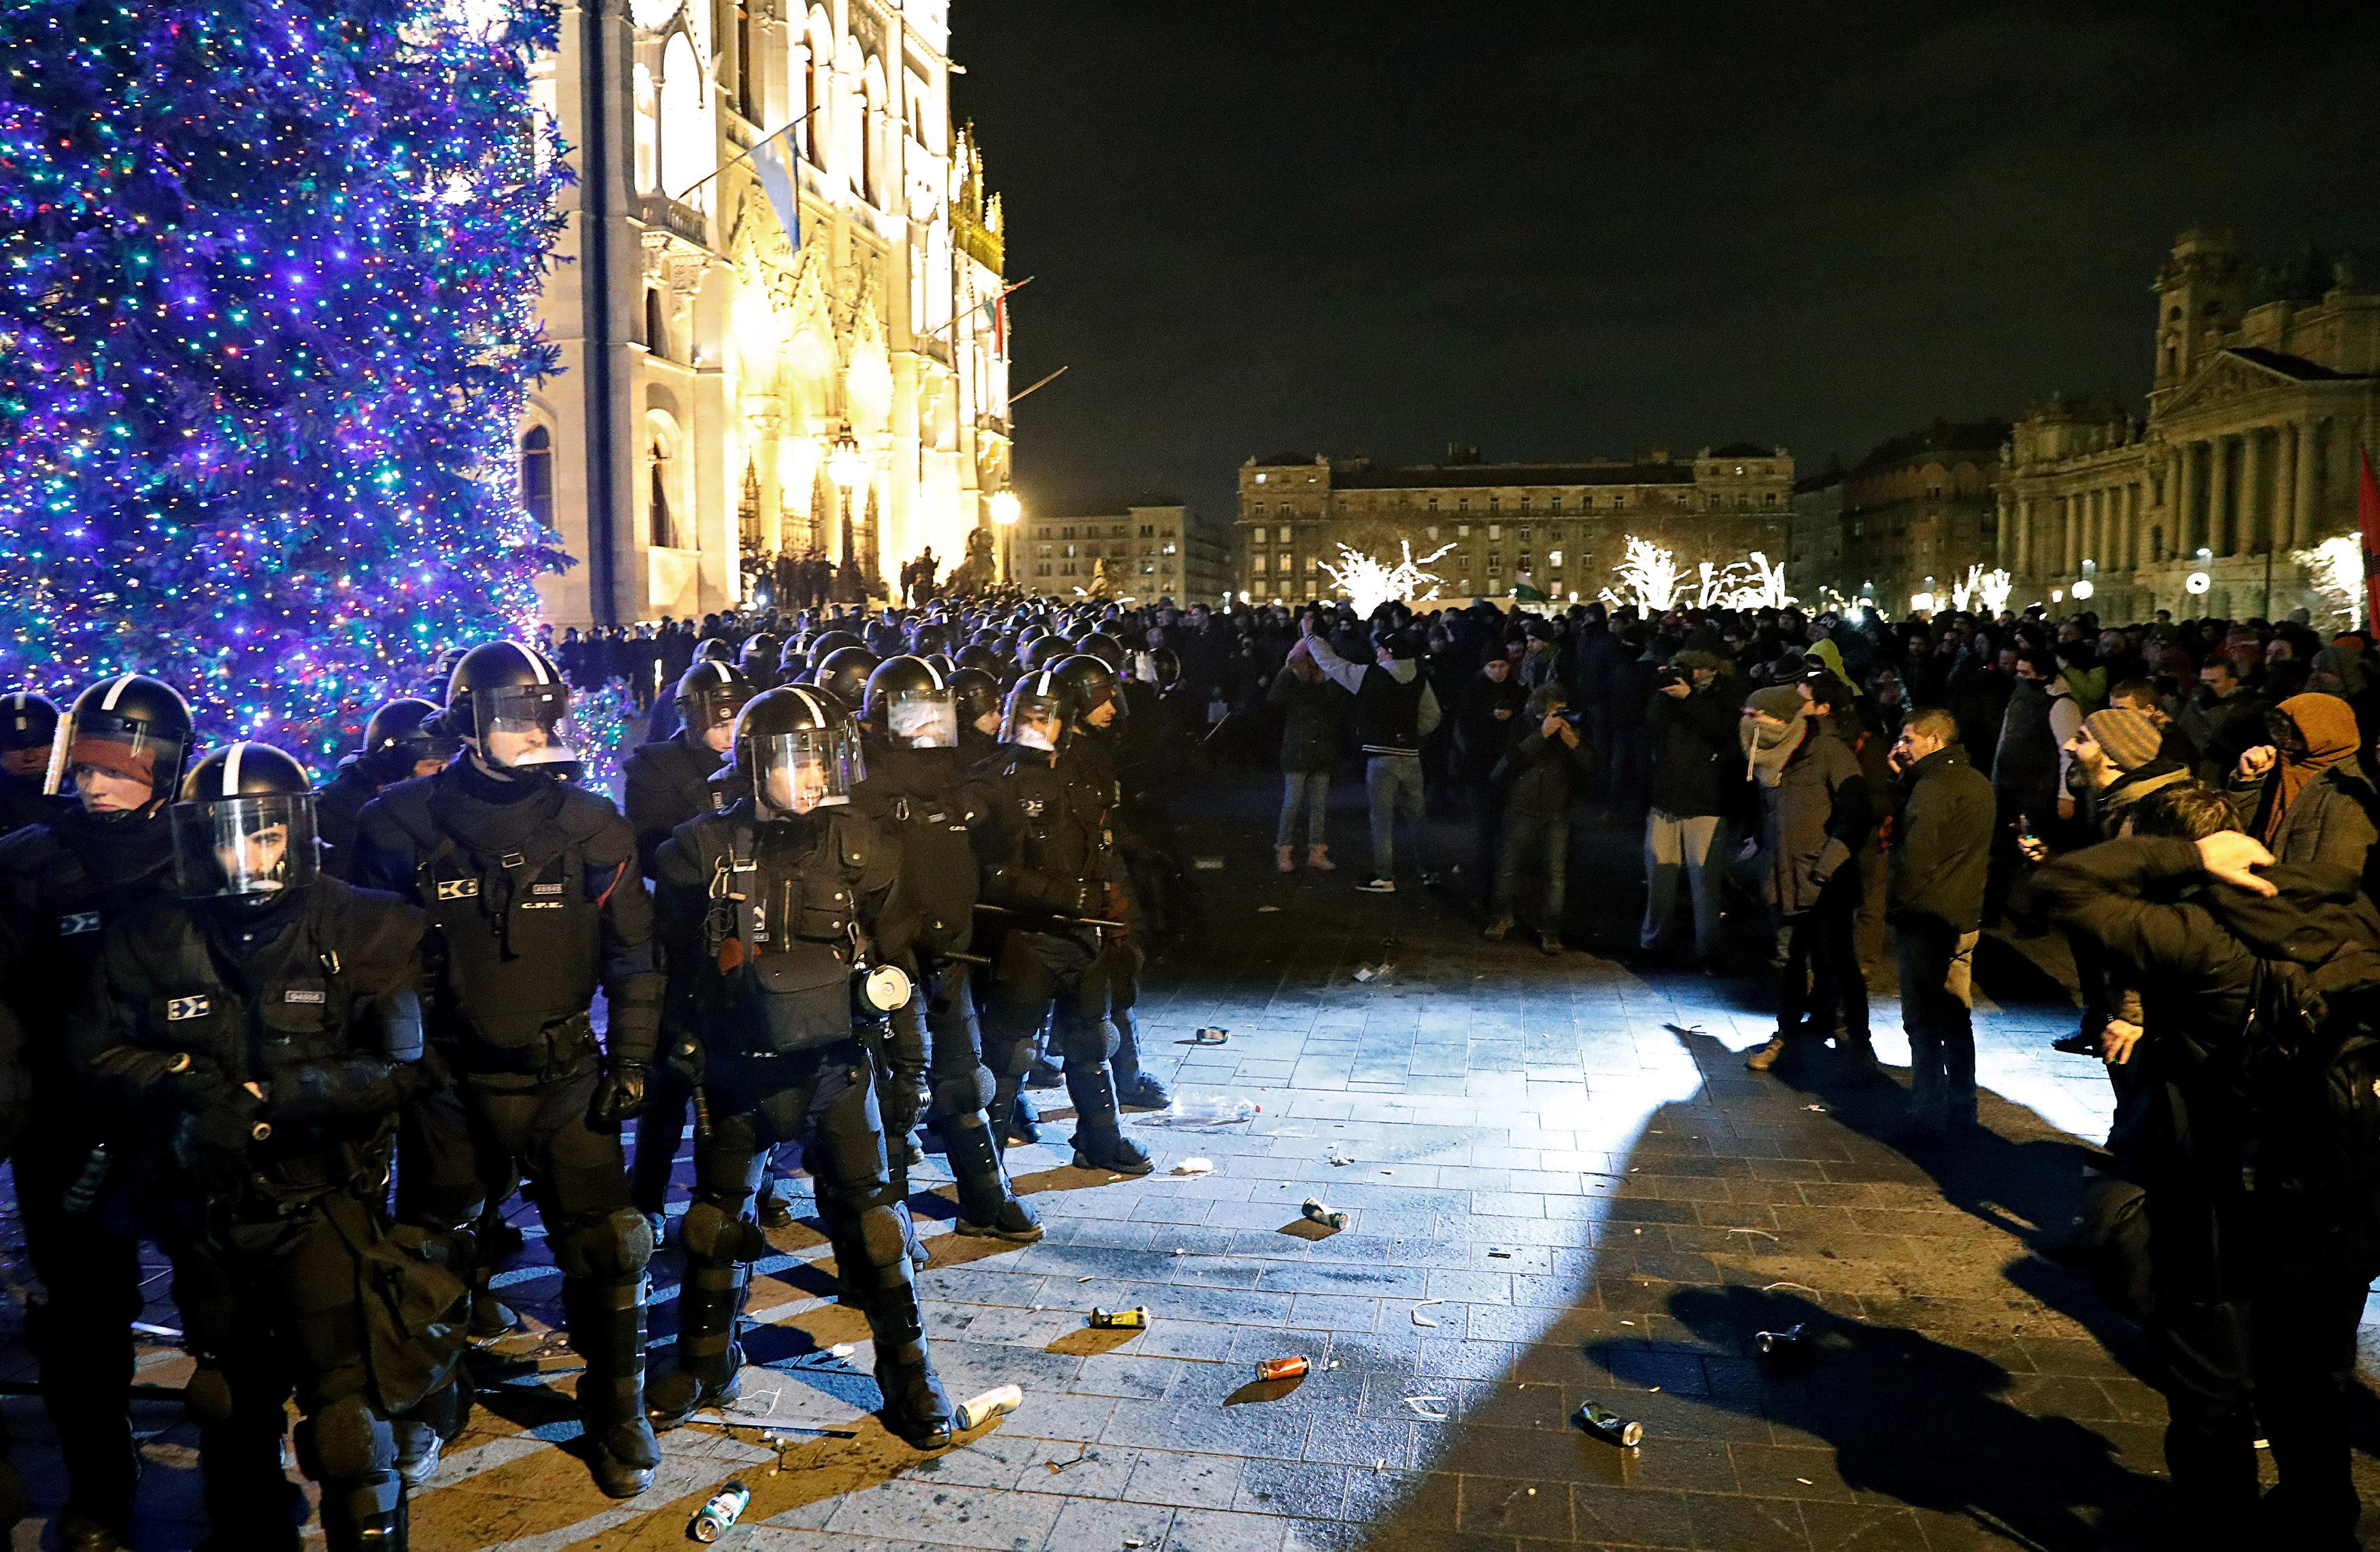 احتجاجات فى المجر ضد قانون العمل الجديد (8)